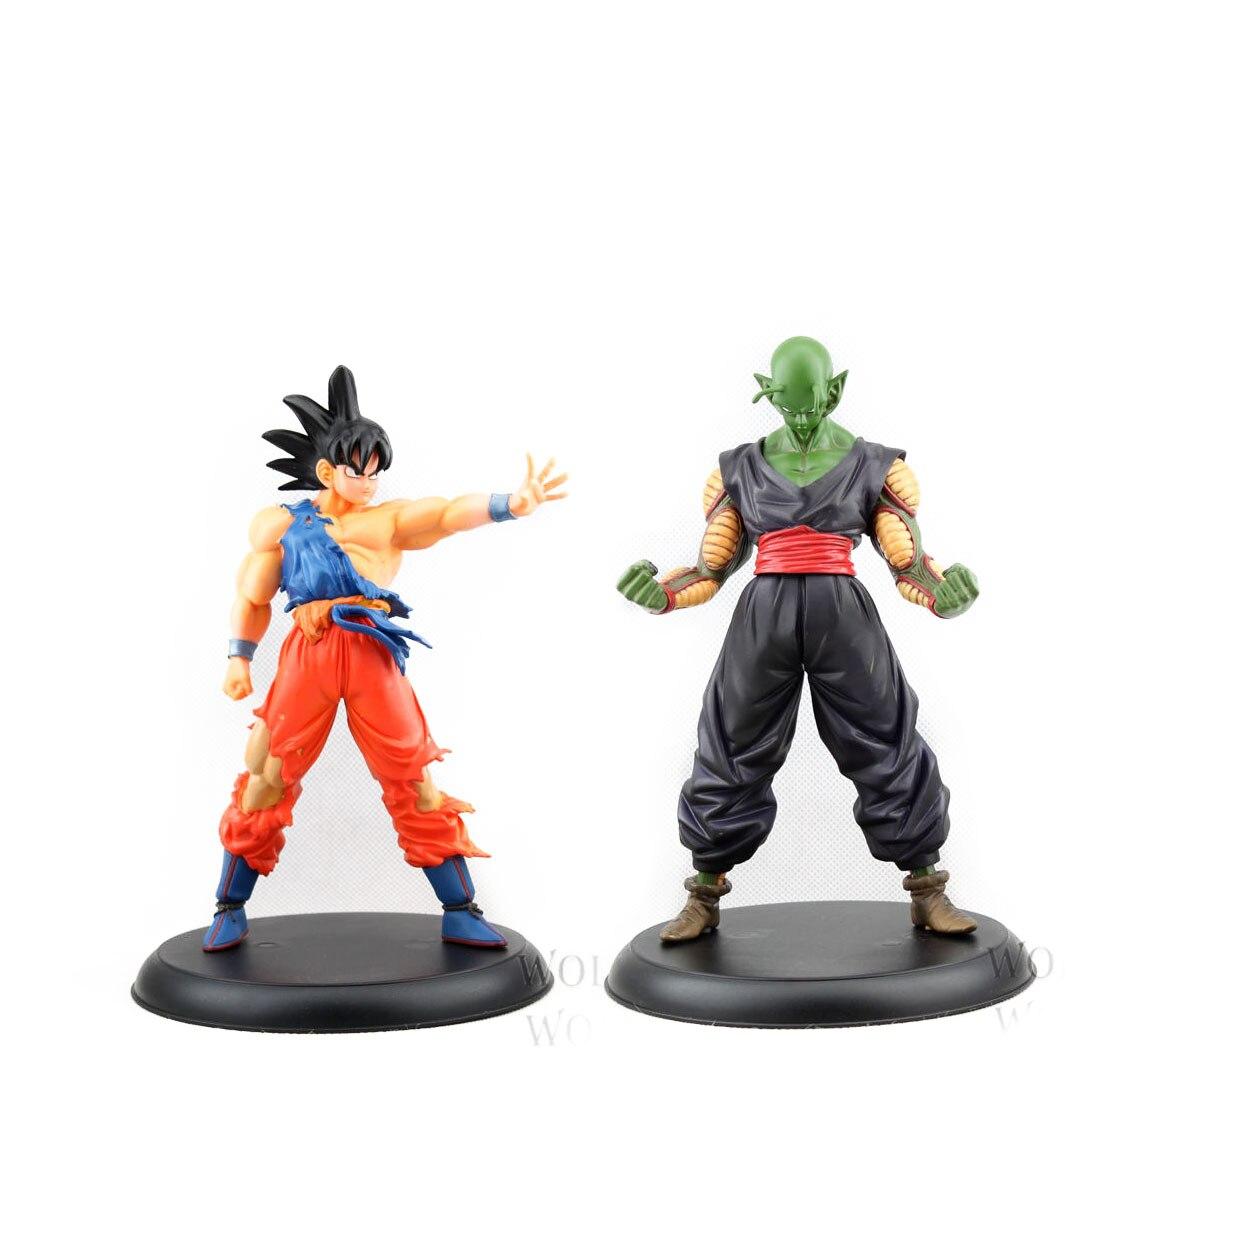 Chanycore 20CM 2pcs/set Dragon Ball Z Tenkaichi Budokai Action Figures Toy Son Goku Piccolo DX Figure Anime Action Figure fighting budokai action figure